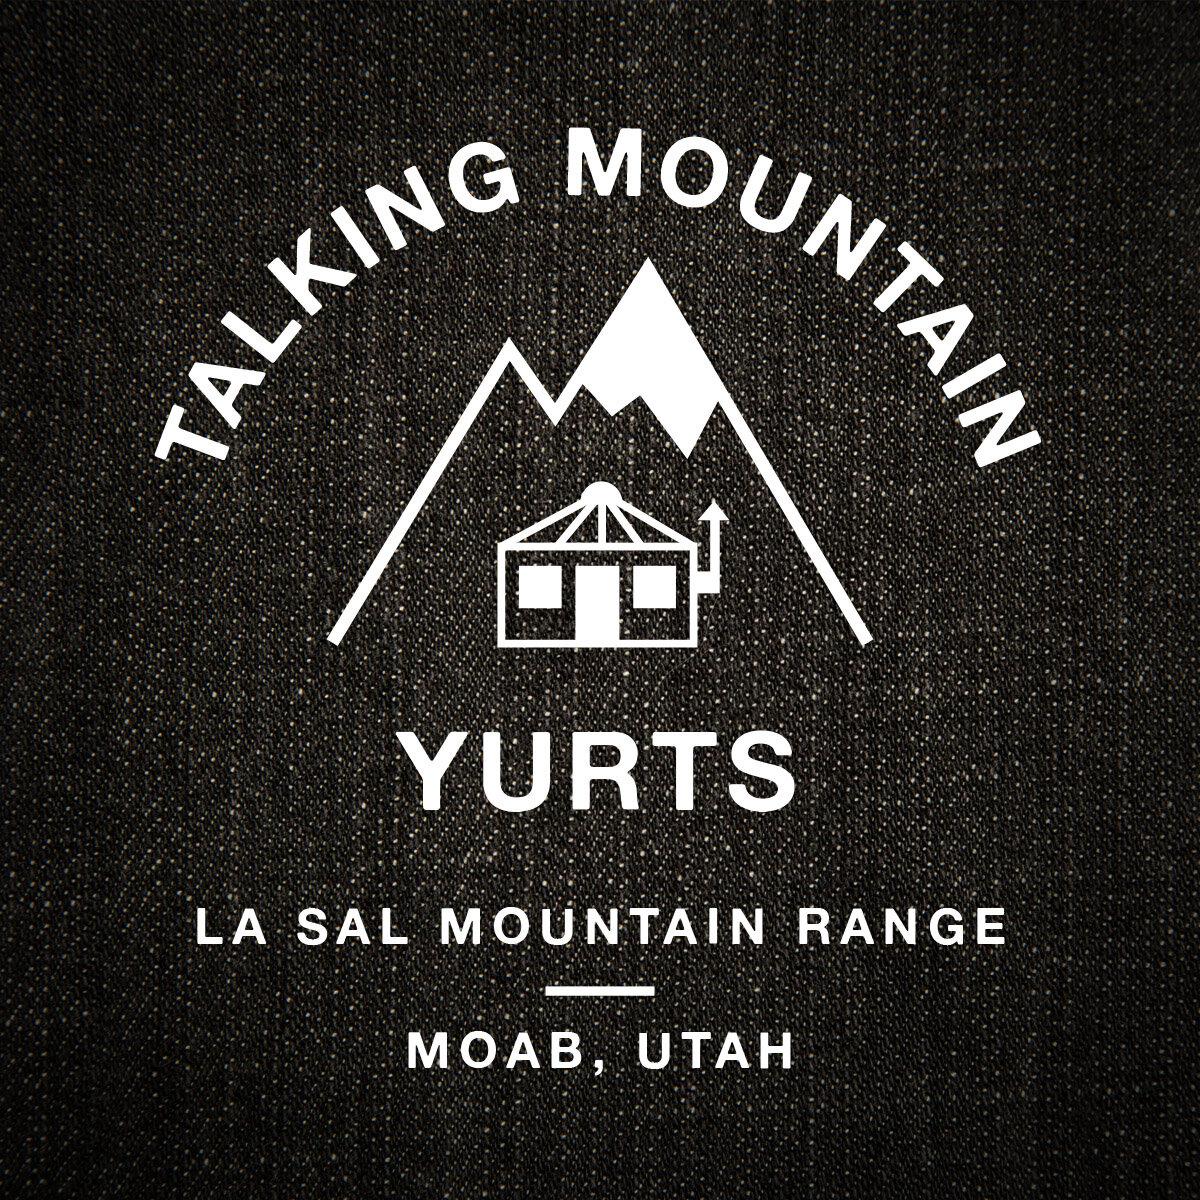 Talking Mountain Yurts.jpg